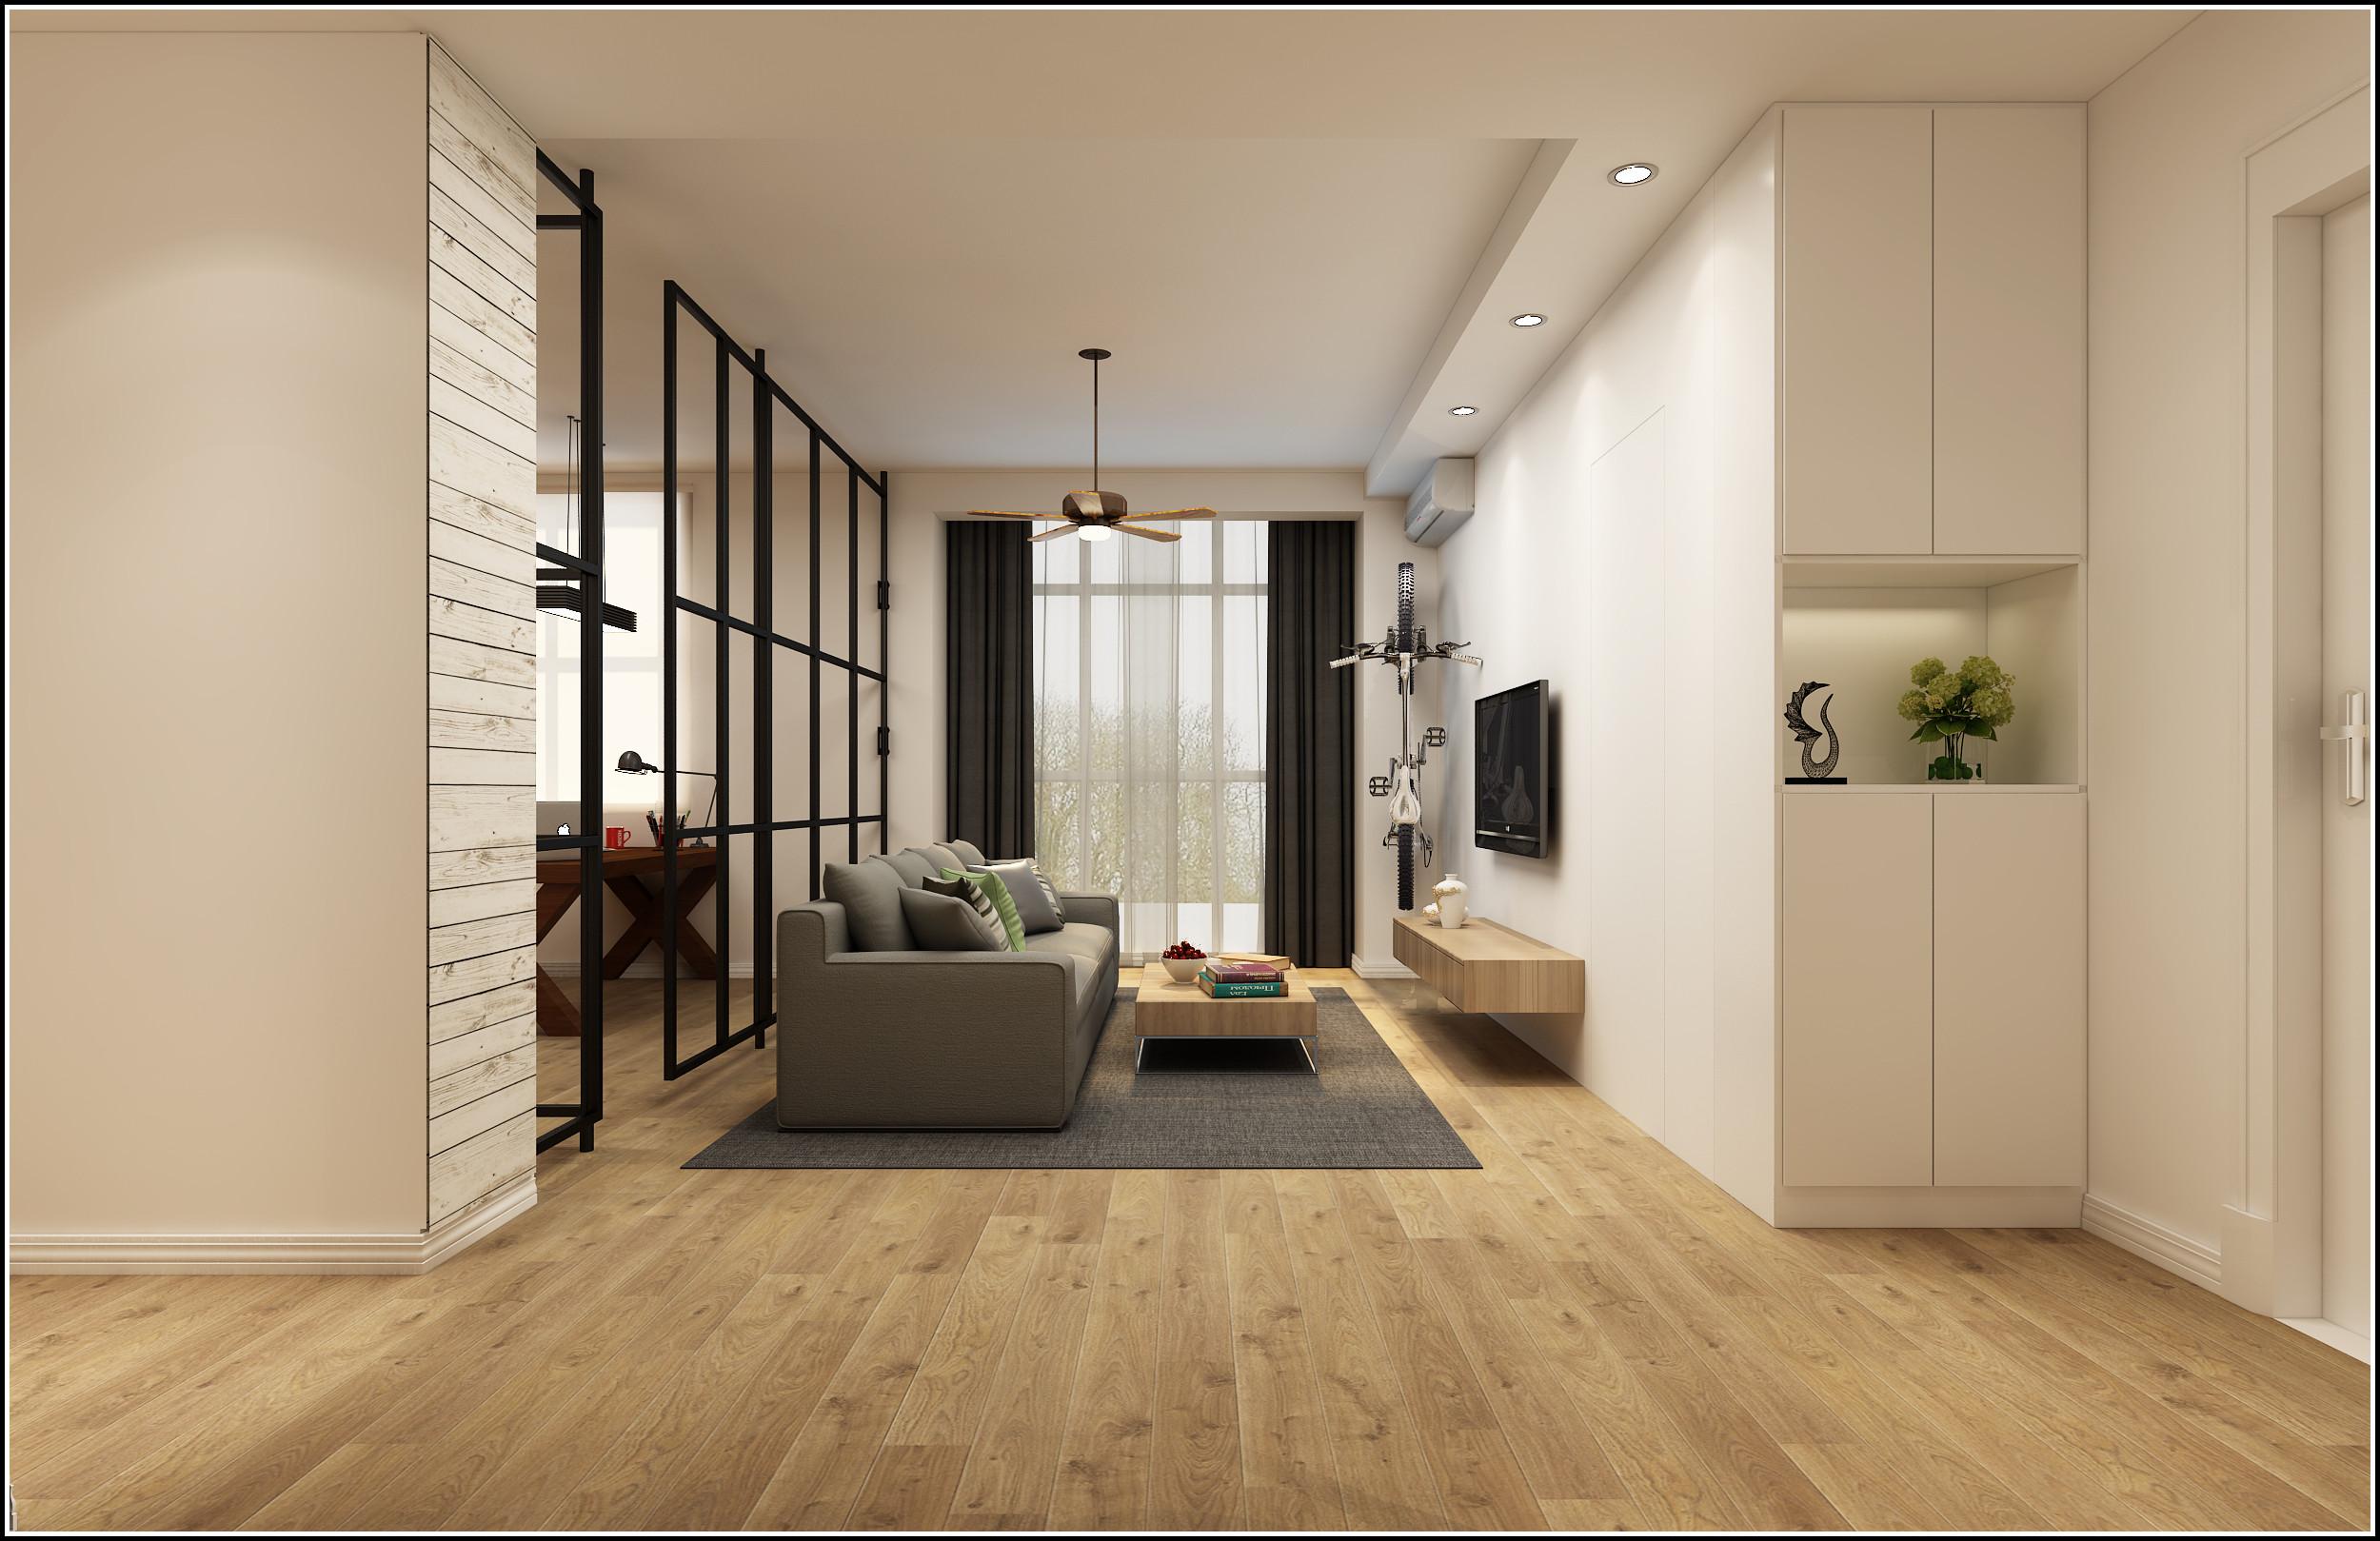 北欧风格别墅客厅旧房改造设计图